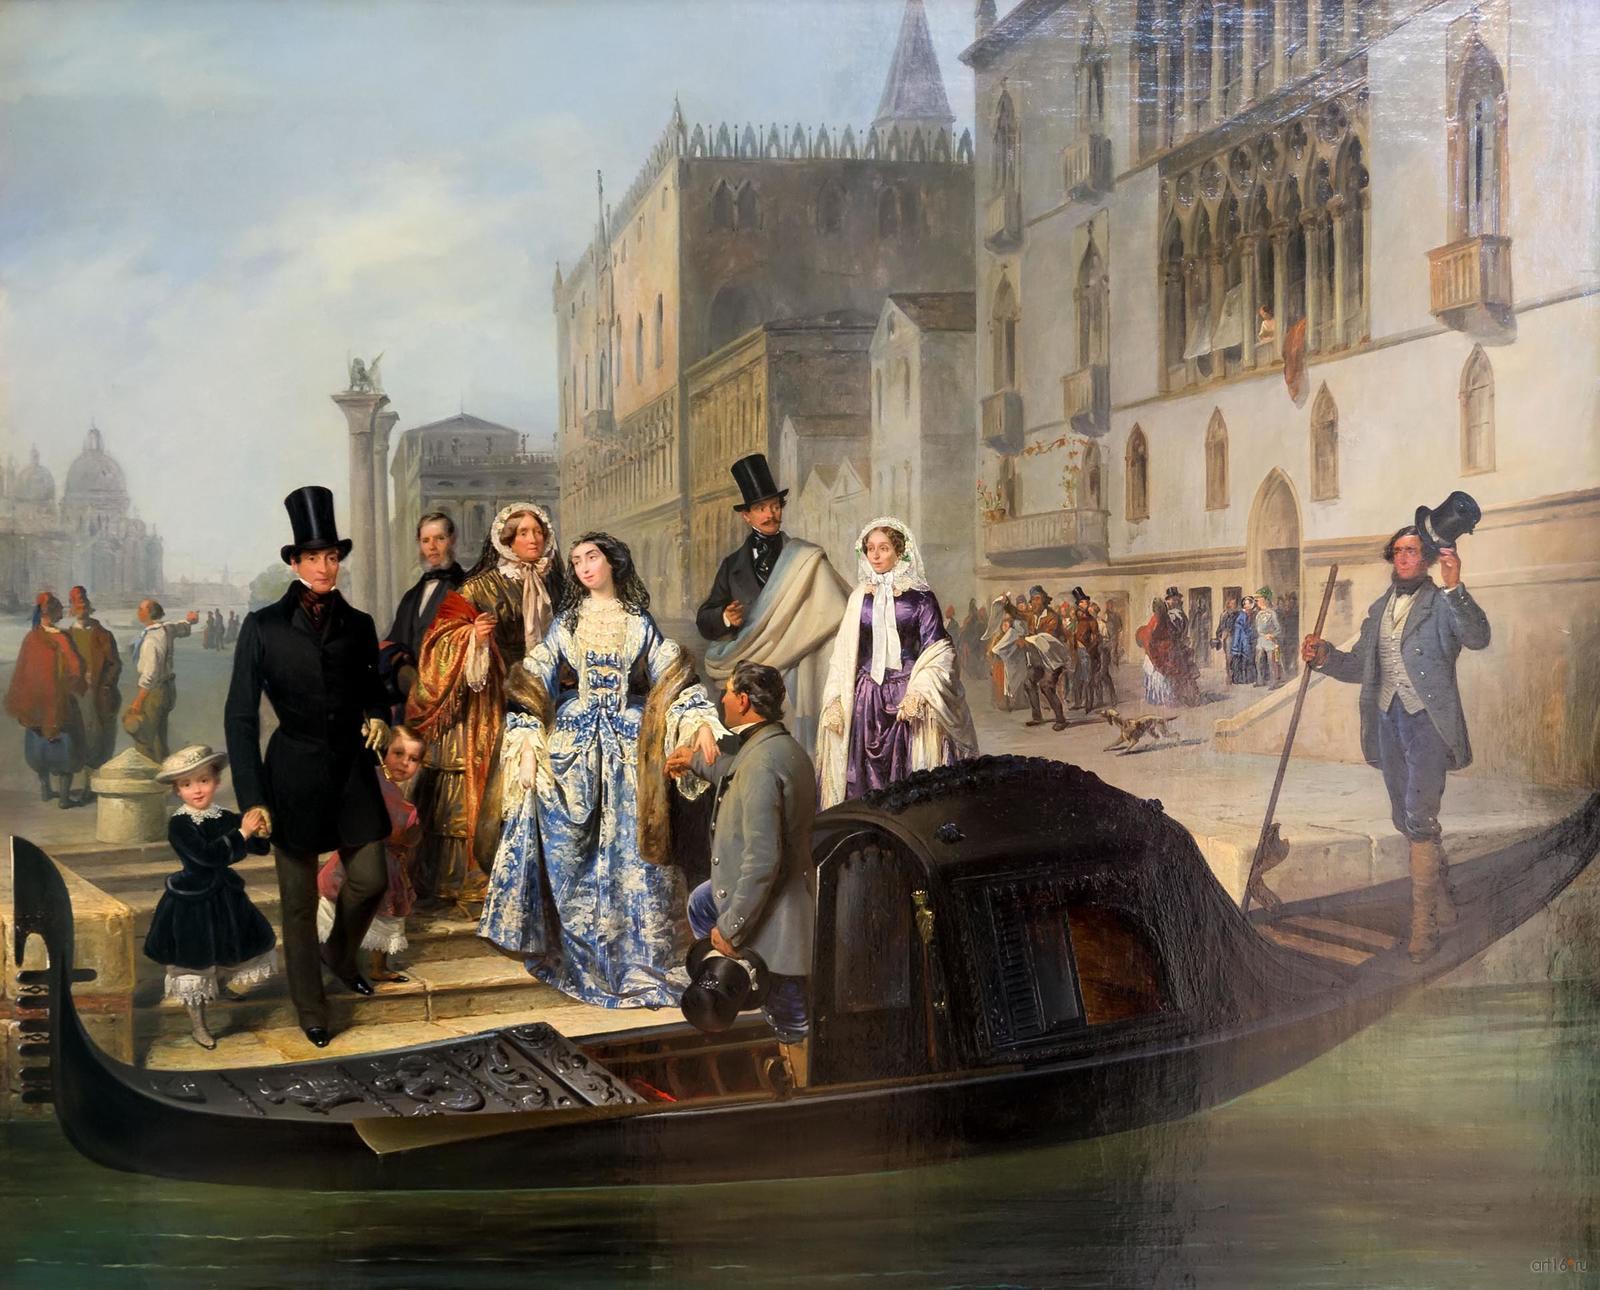 Фото №848504. ДЖУЛИО КАРЛИНИ 1830, Венеция - 1887, Венеция Семья Толстых в Венеции. 1855